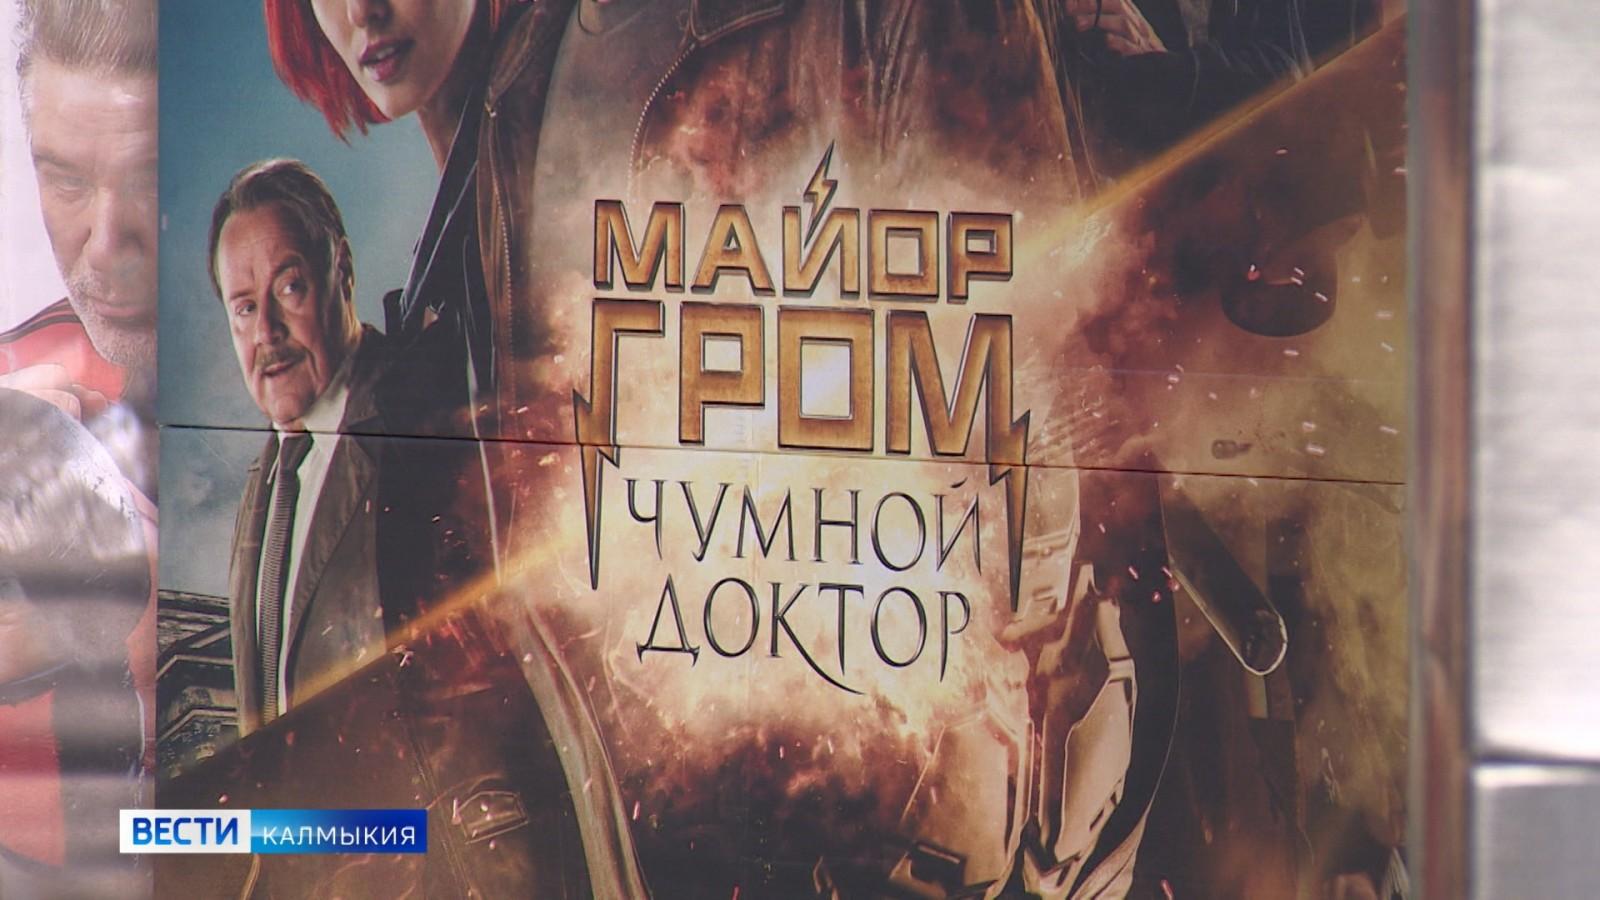 В кинотеатрах Элисты стартовал прокат нового отечественного фильма «Майор Гром: Чудной доктор»